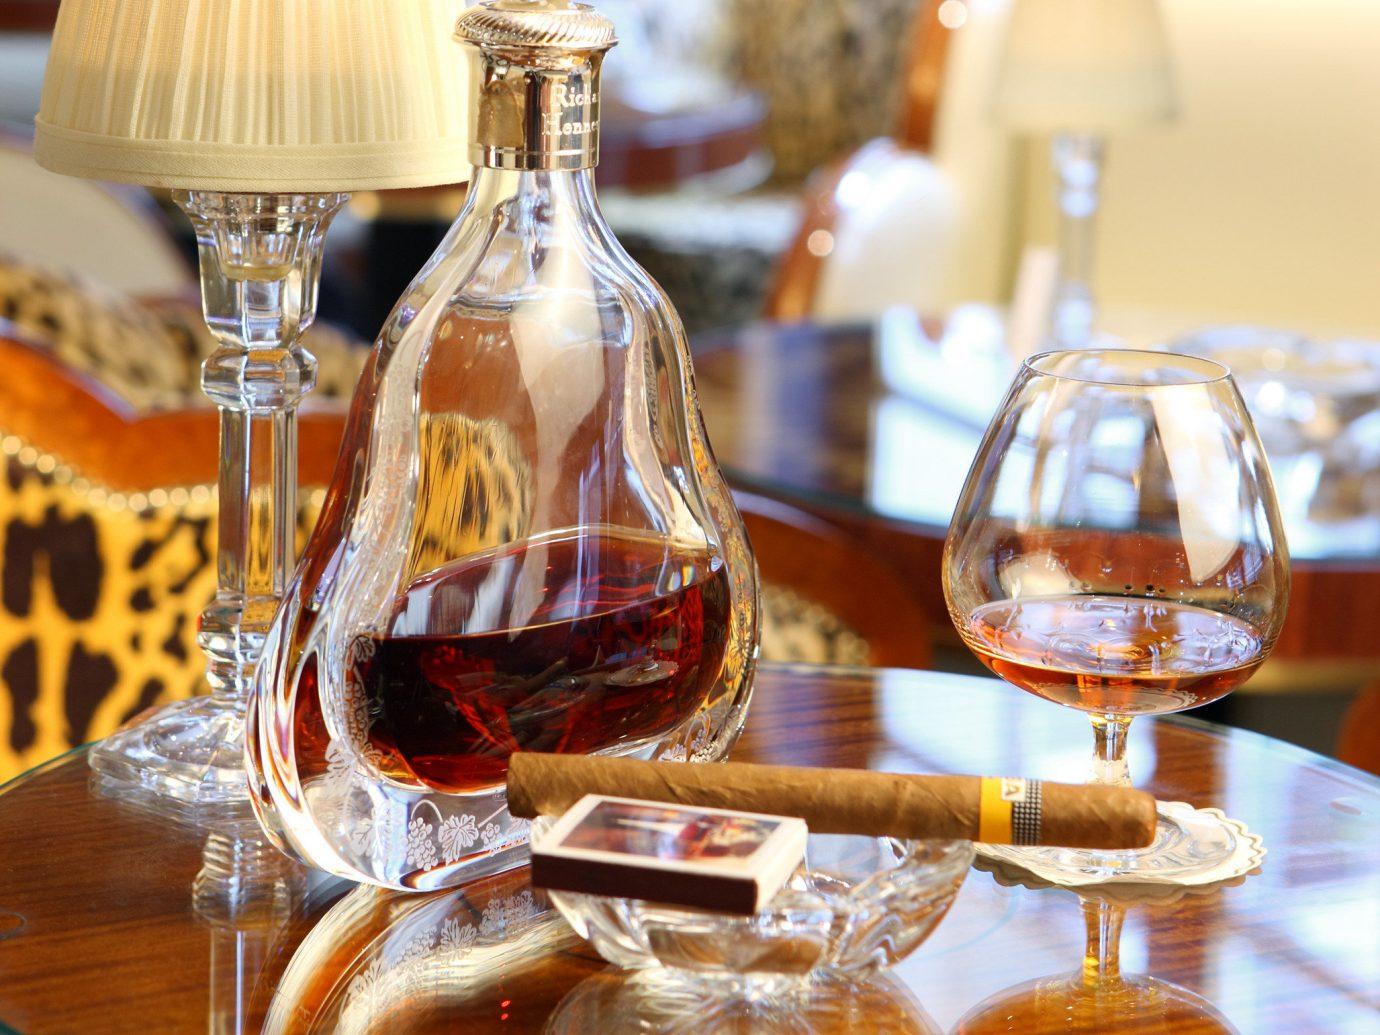 Drink Elegant Hotels Lounge Luxury table indoor distilled beverage alcoholic beverage whisky liqueur glass meal restaurant bottle